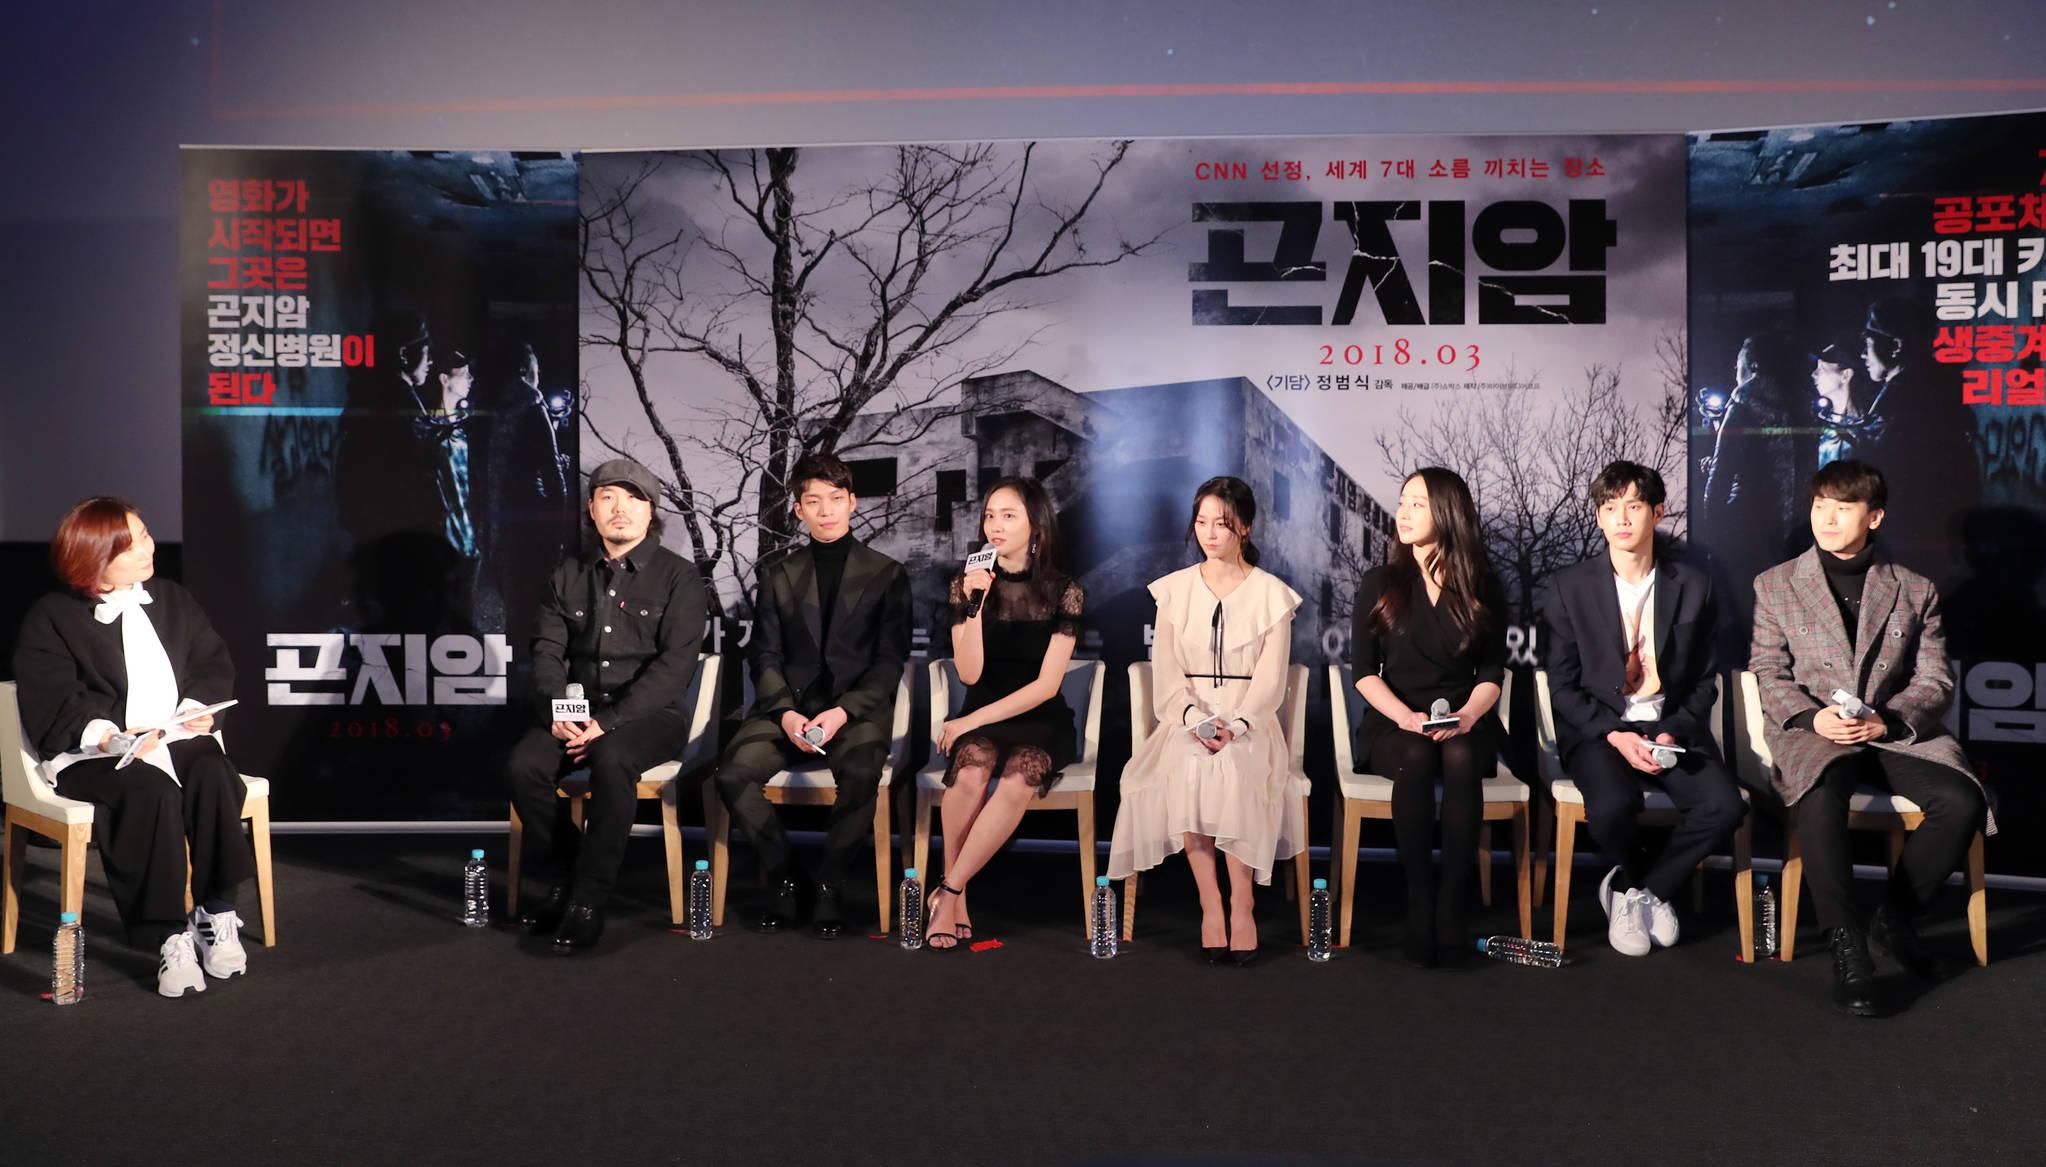 지난달 21일 오전 서울 용산 CGV에서 열린 영화 '곤지암' 프로젝트 발표회에 출연진들이 참석해 포즈를 취하고 있다. [일간스포츠]